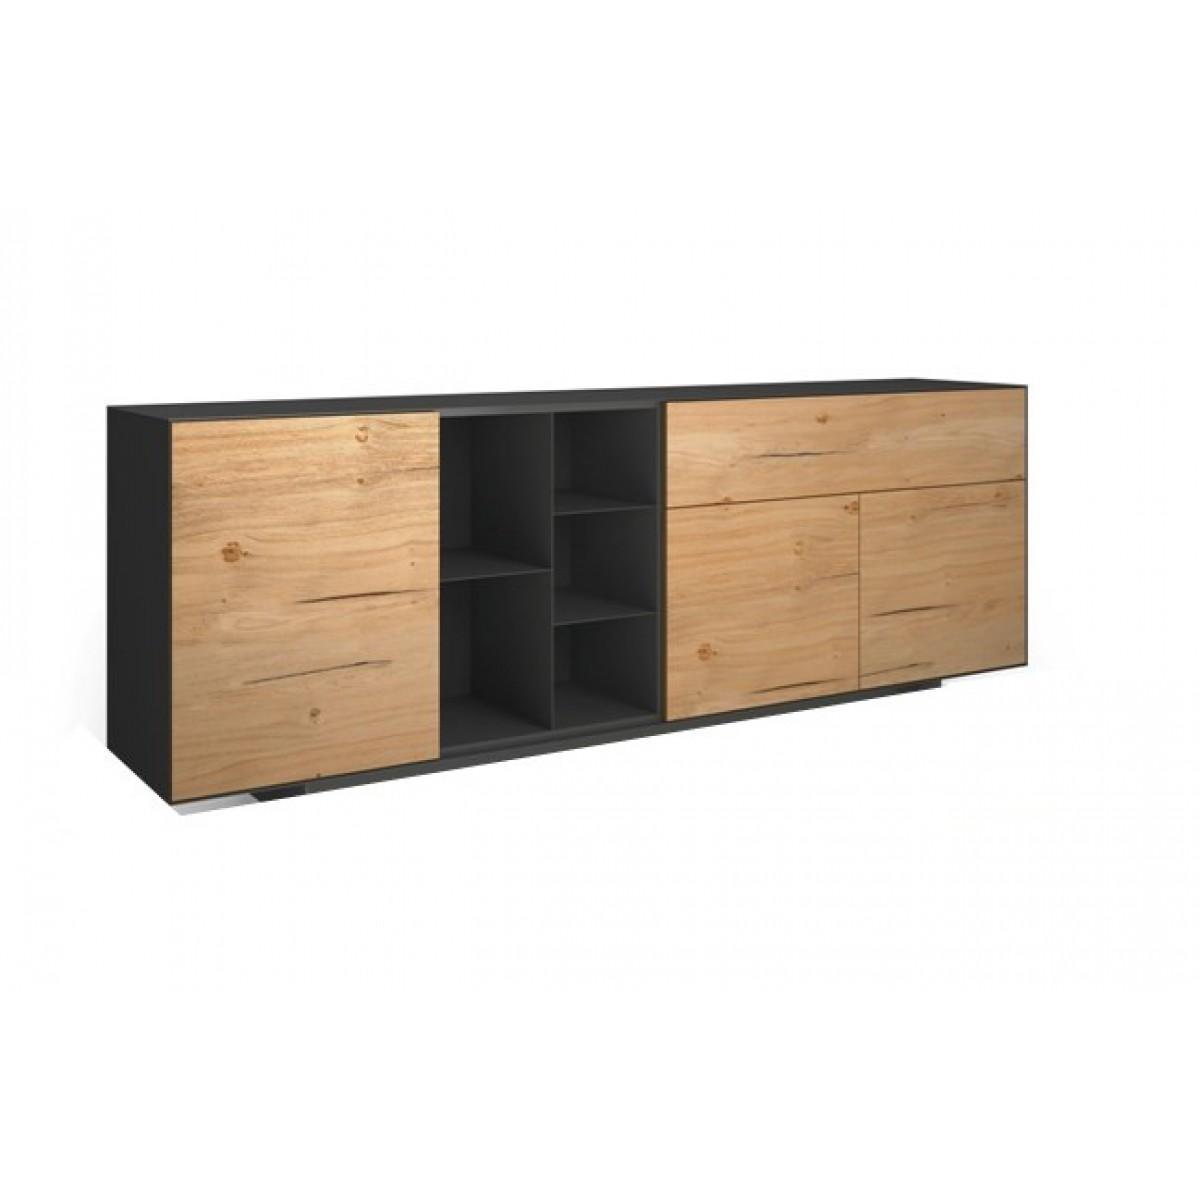 sideboard-dressoir-brooklyn-eiken-metaal-mintjens-BR8_S2-miltonhouse-plint